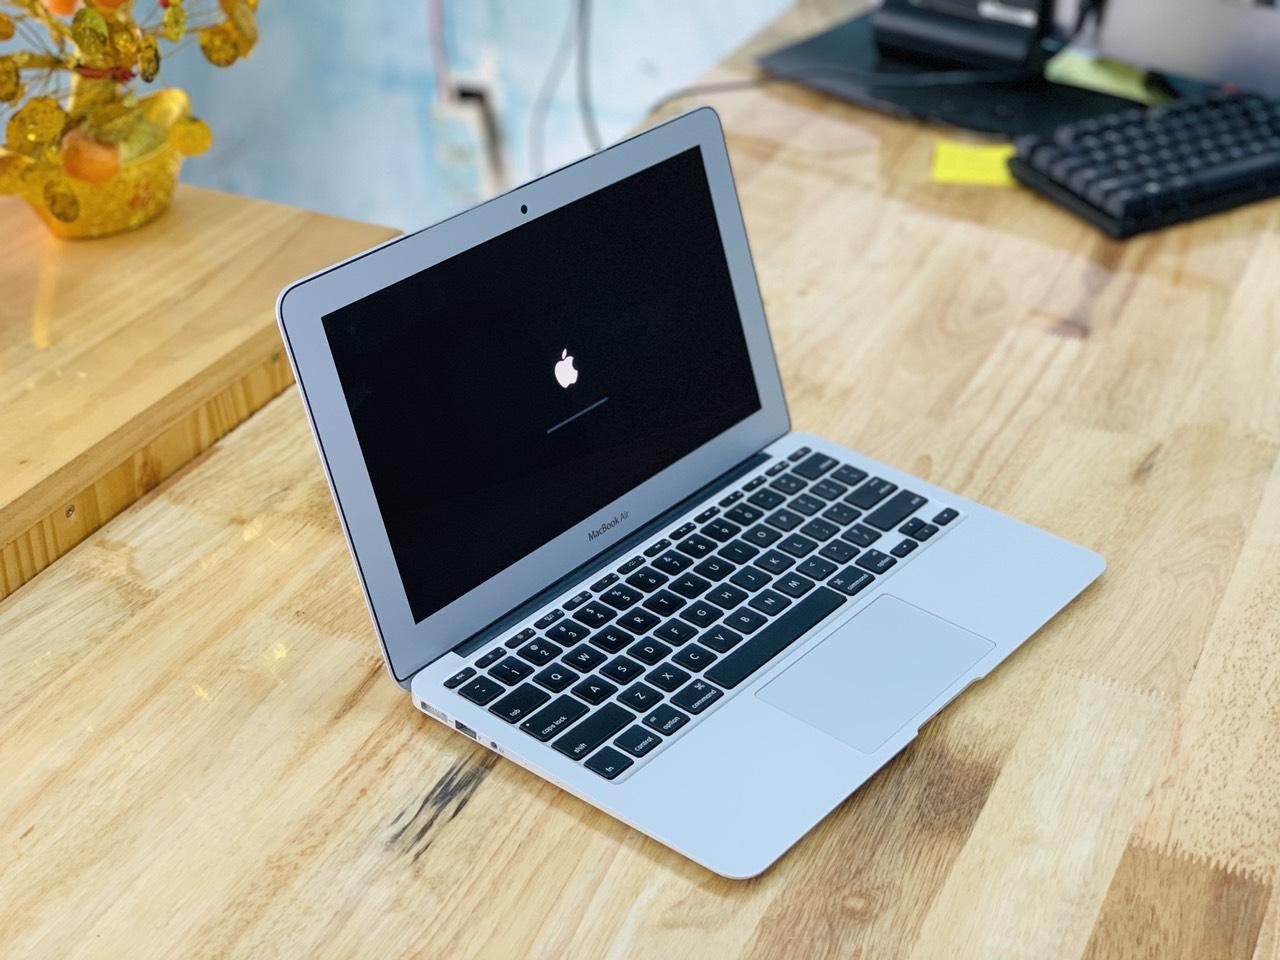 macbook air 2015 cũ